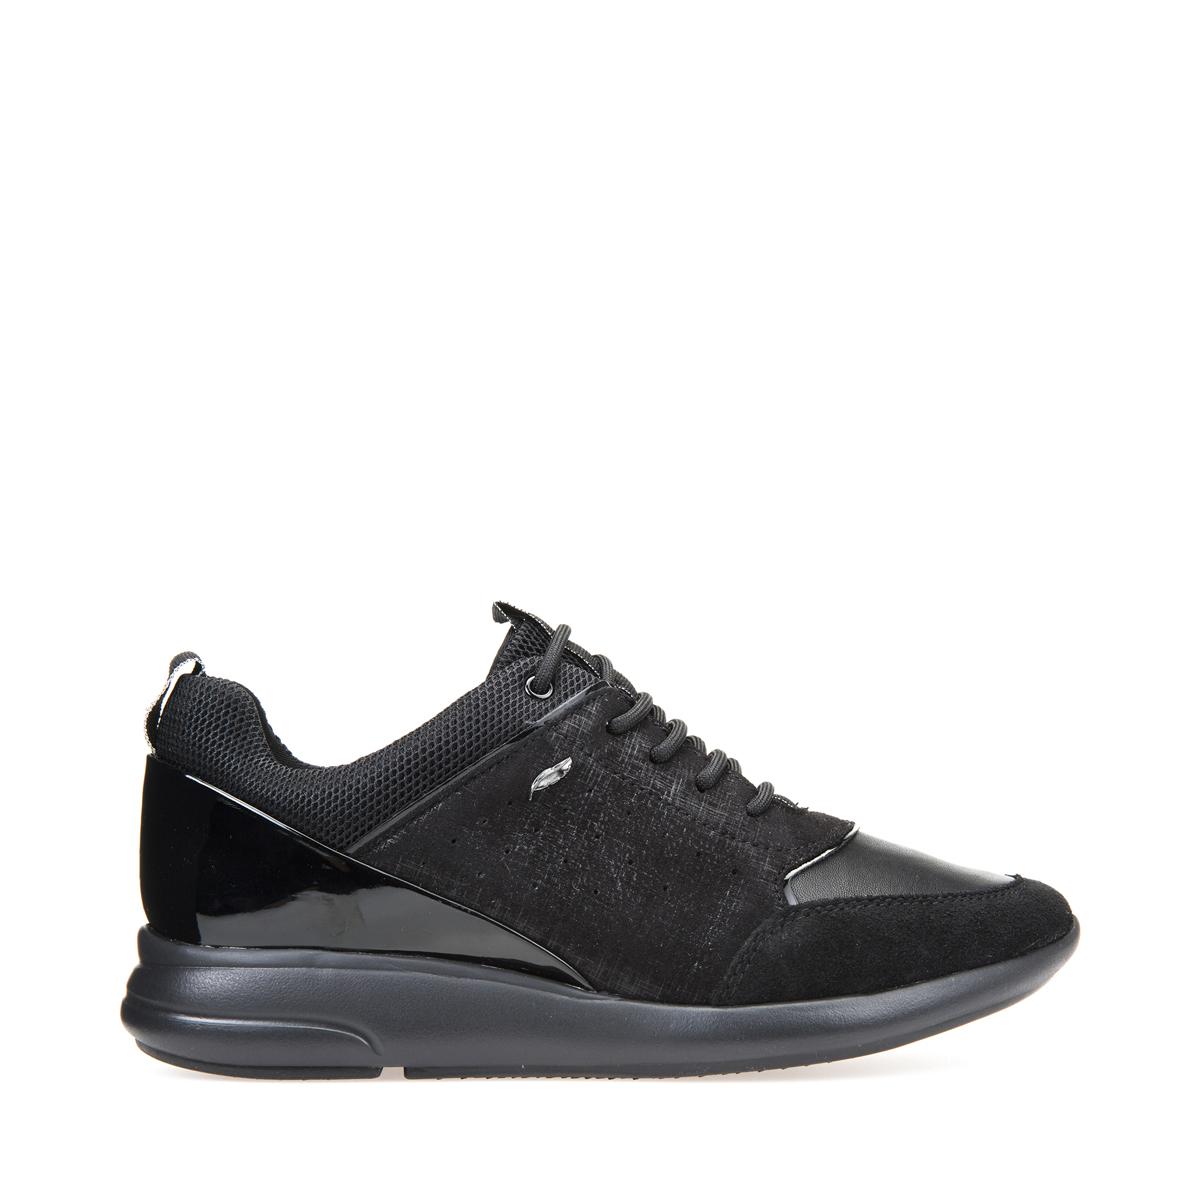 Acquisti Online 2 Sconti su Qualsiasi Caso scarpe donna geox